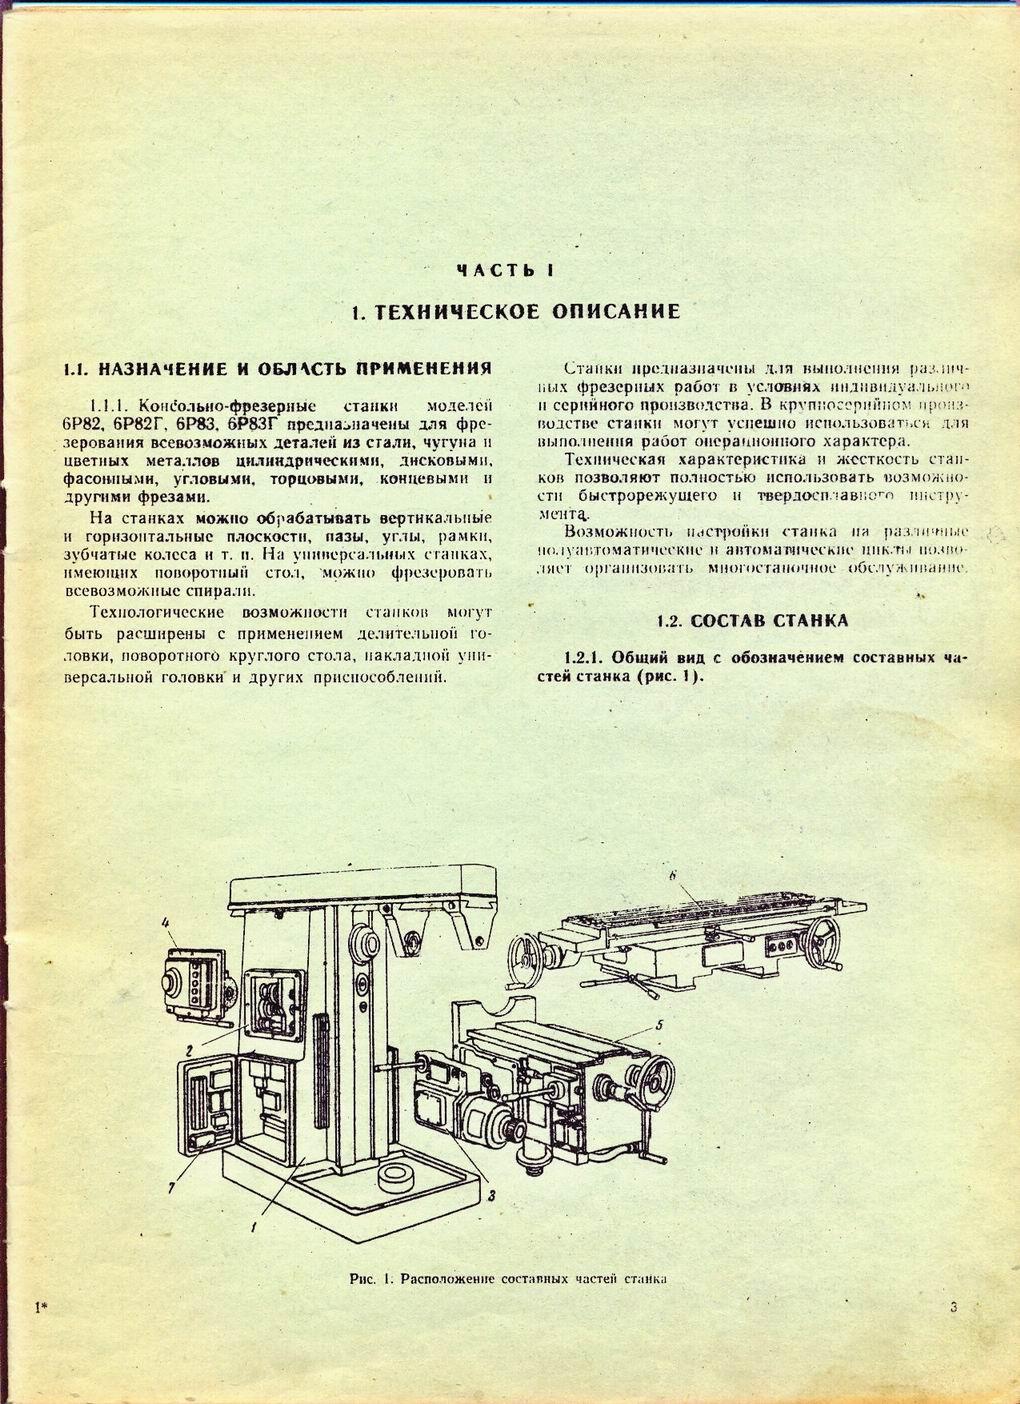 Инструкция по эксплуатации фрезерных станков